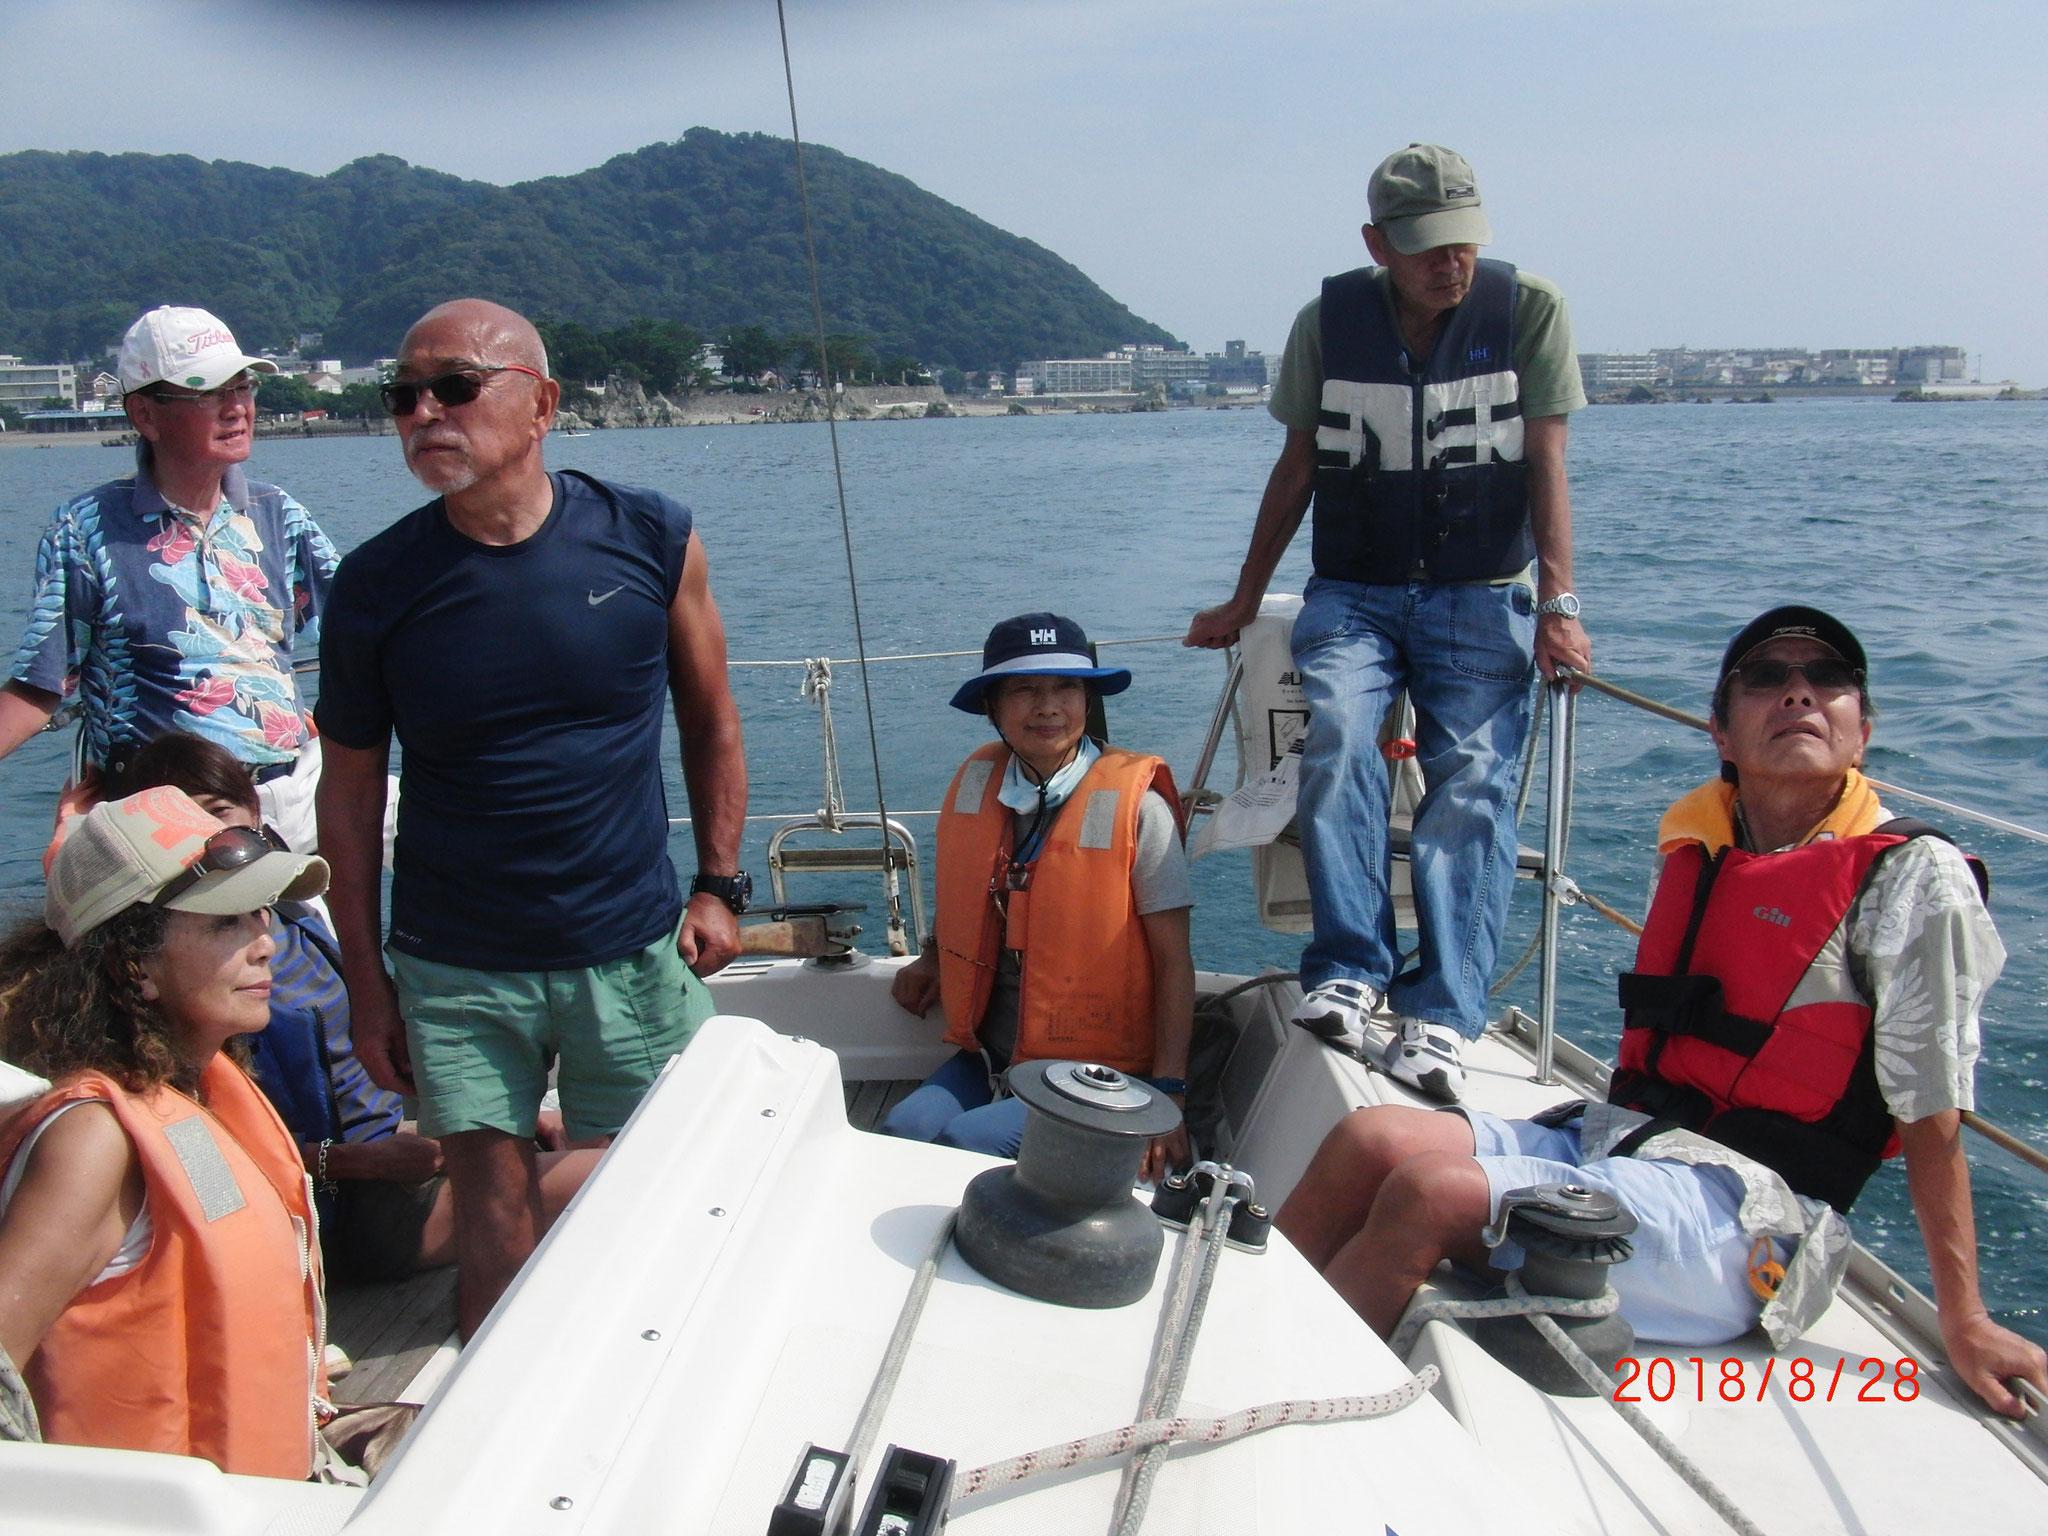 舵を握るのはオーナーの川村さん(昔:スナイプ西半球選手権優勝者)